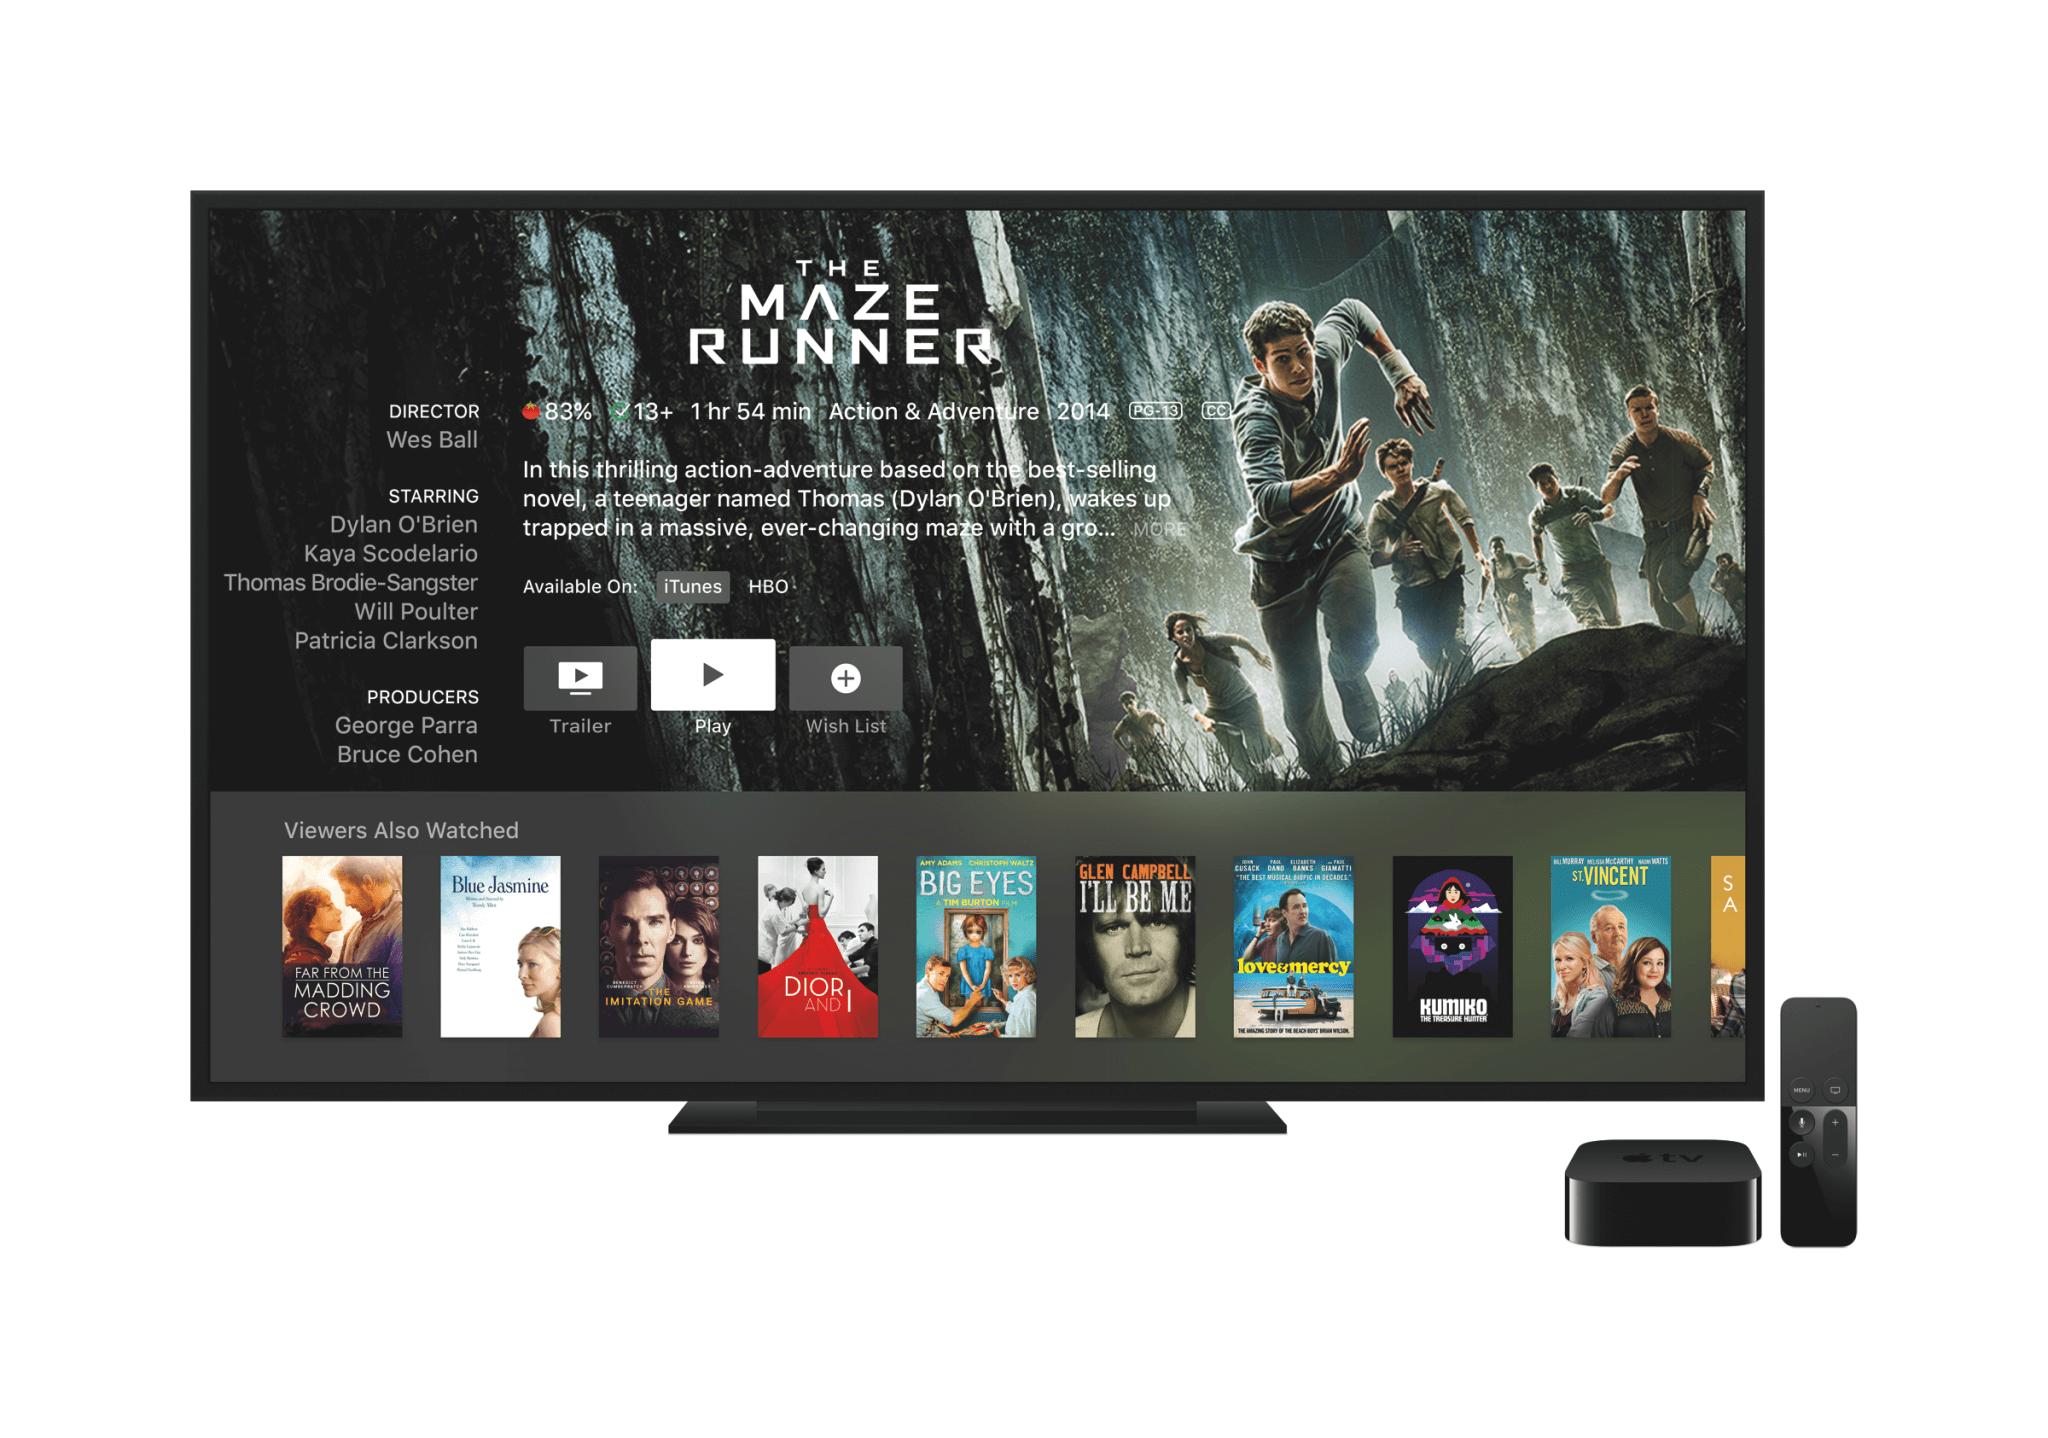 Detailinformationen zu Filmen mit Links zu allen Anbietern auf dem Apple TV (Bildrechte: Apple)